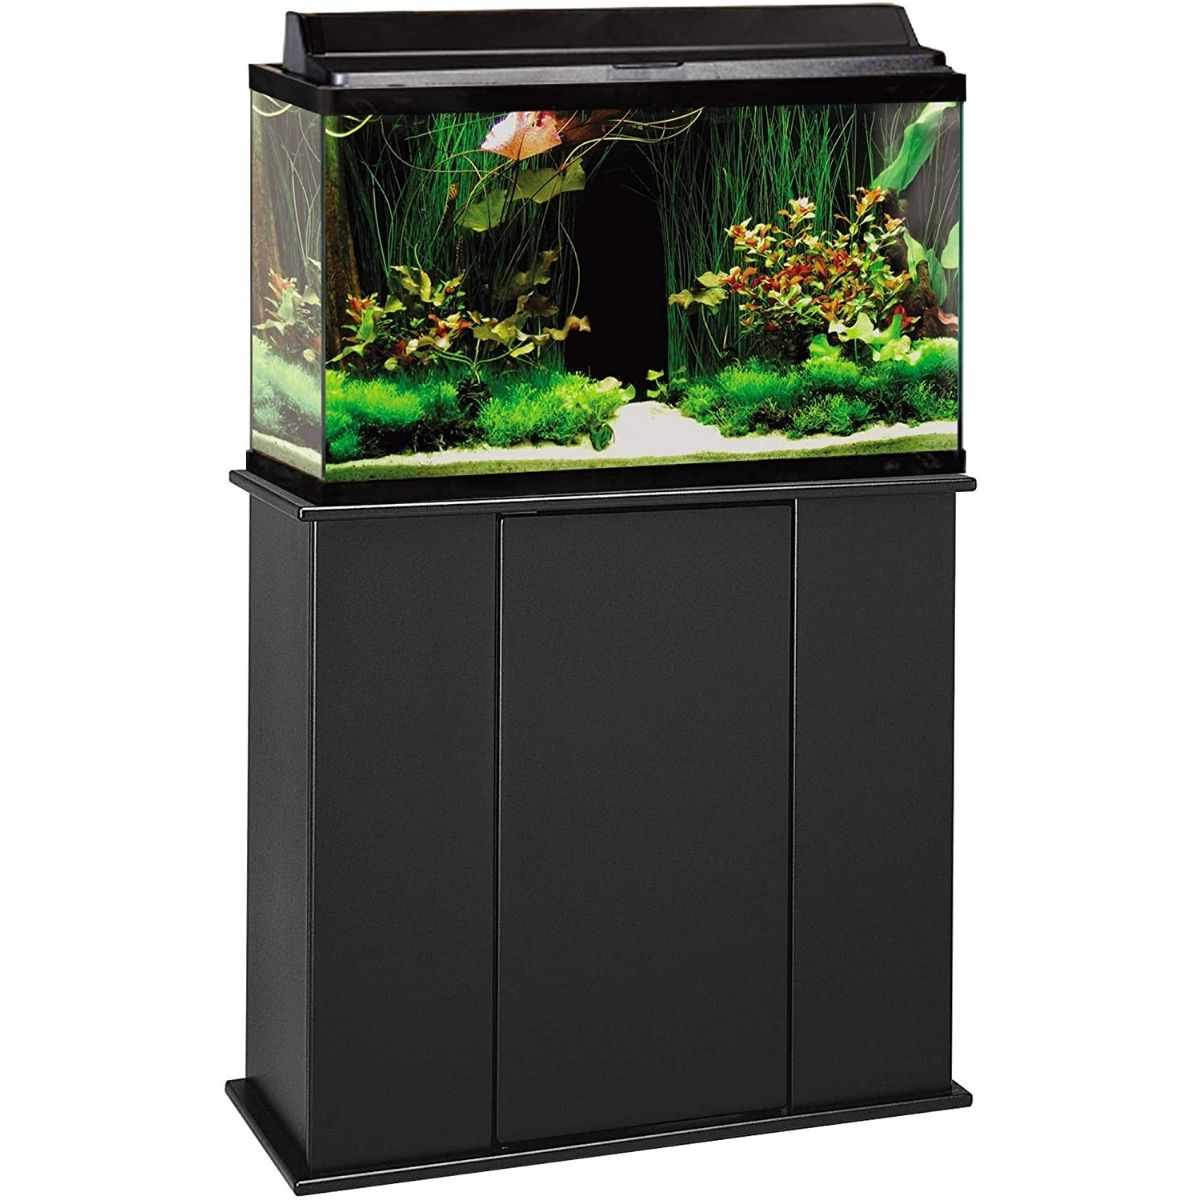 The Best 29 Gallon Aquarium Stand Option: Aquatic Fundamentals Wood Aquarium Stand